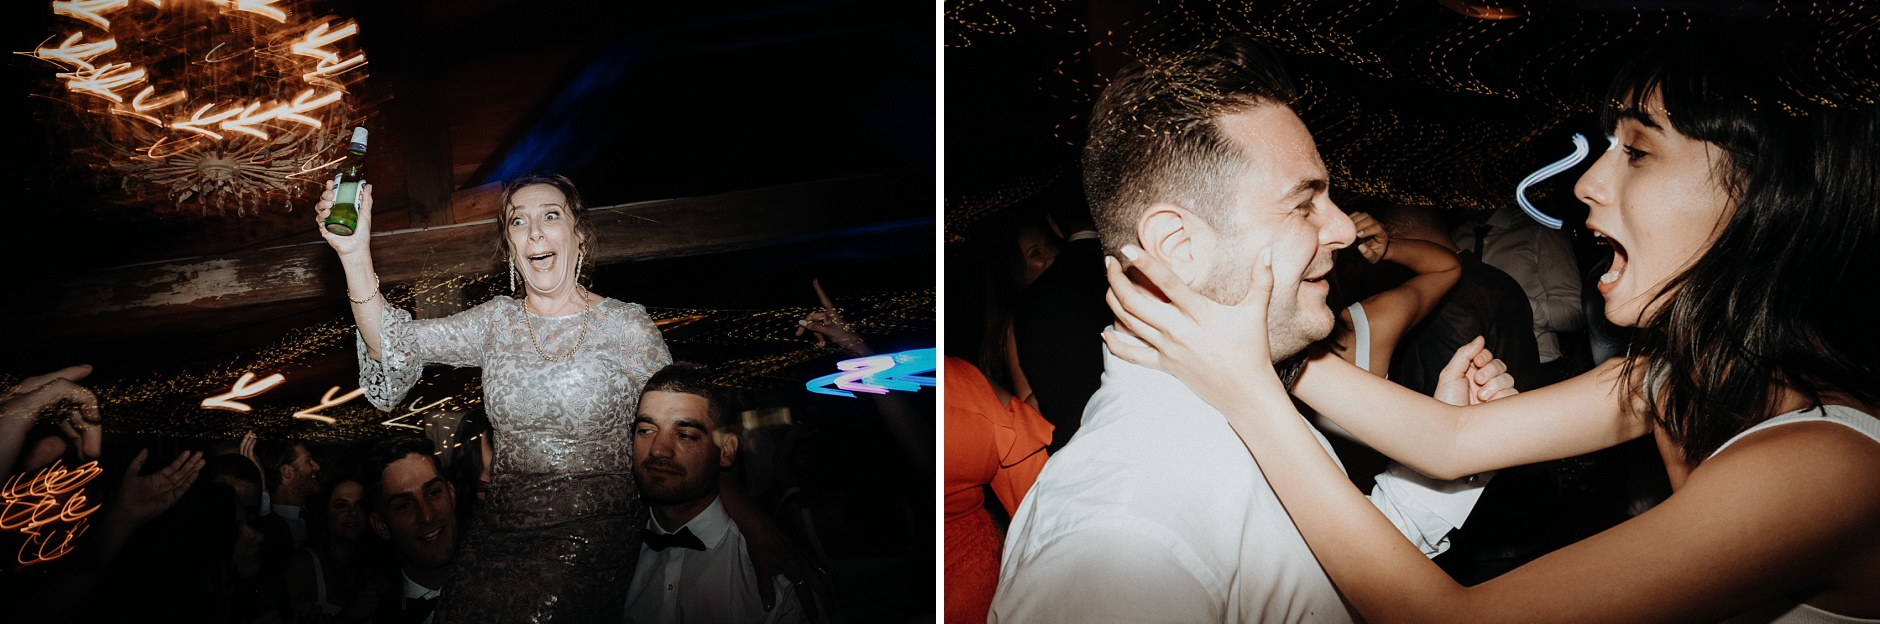 cassandra&cameron1271a_Peppers-Creek-Wedding.jpg